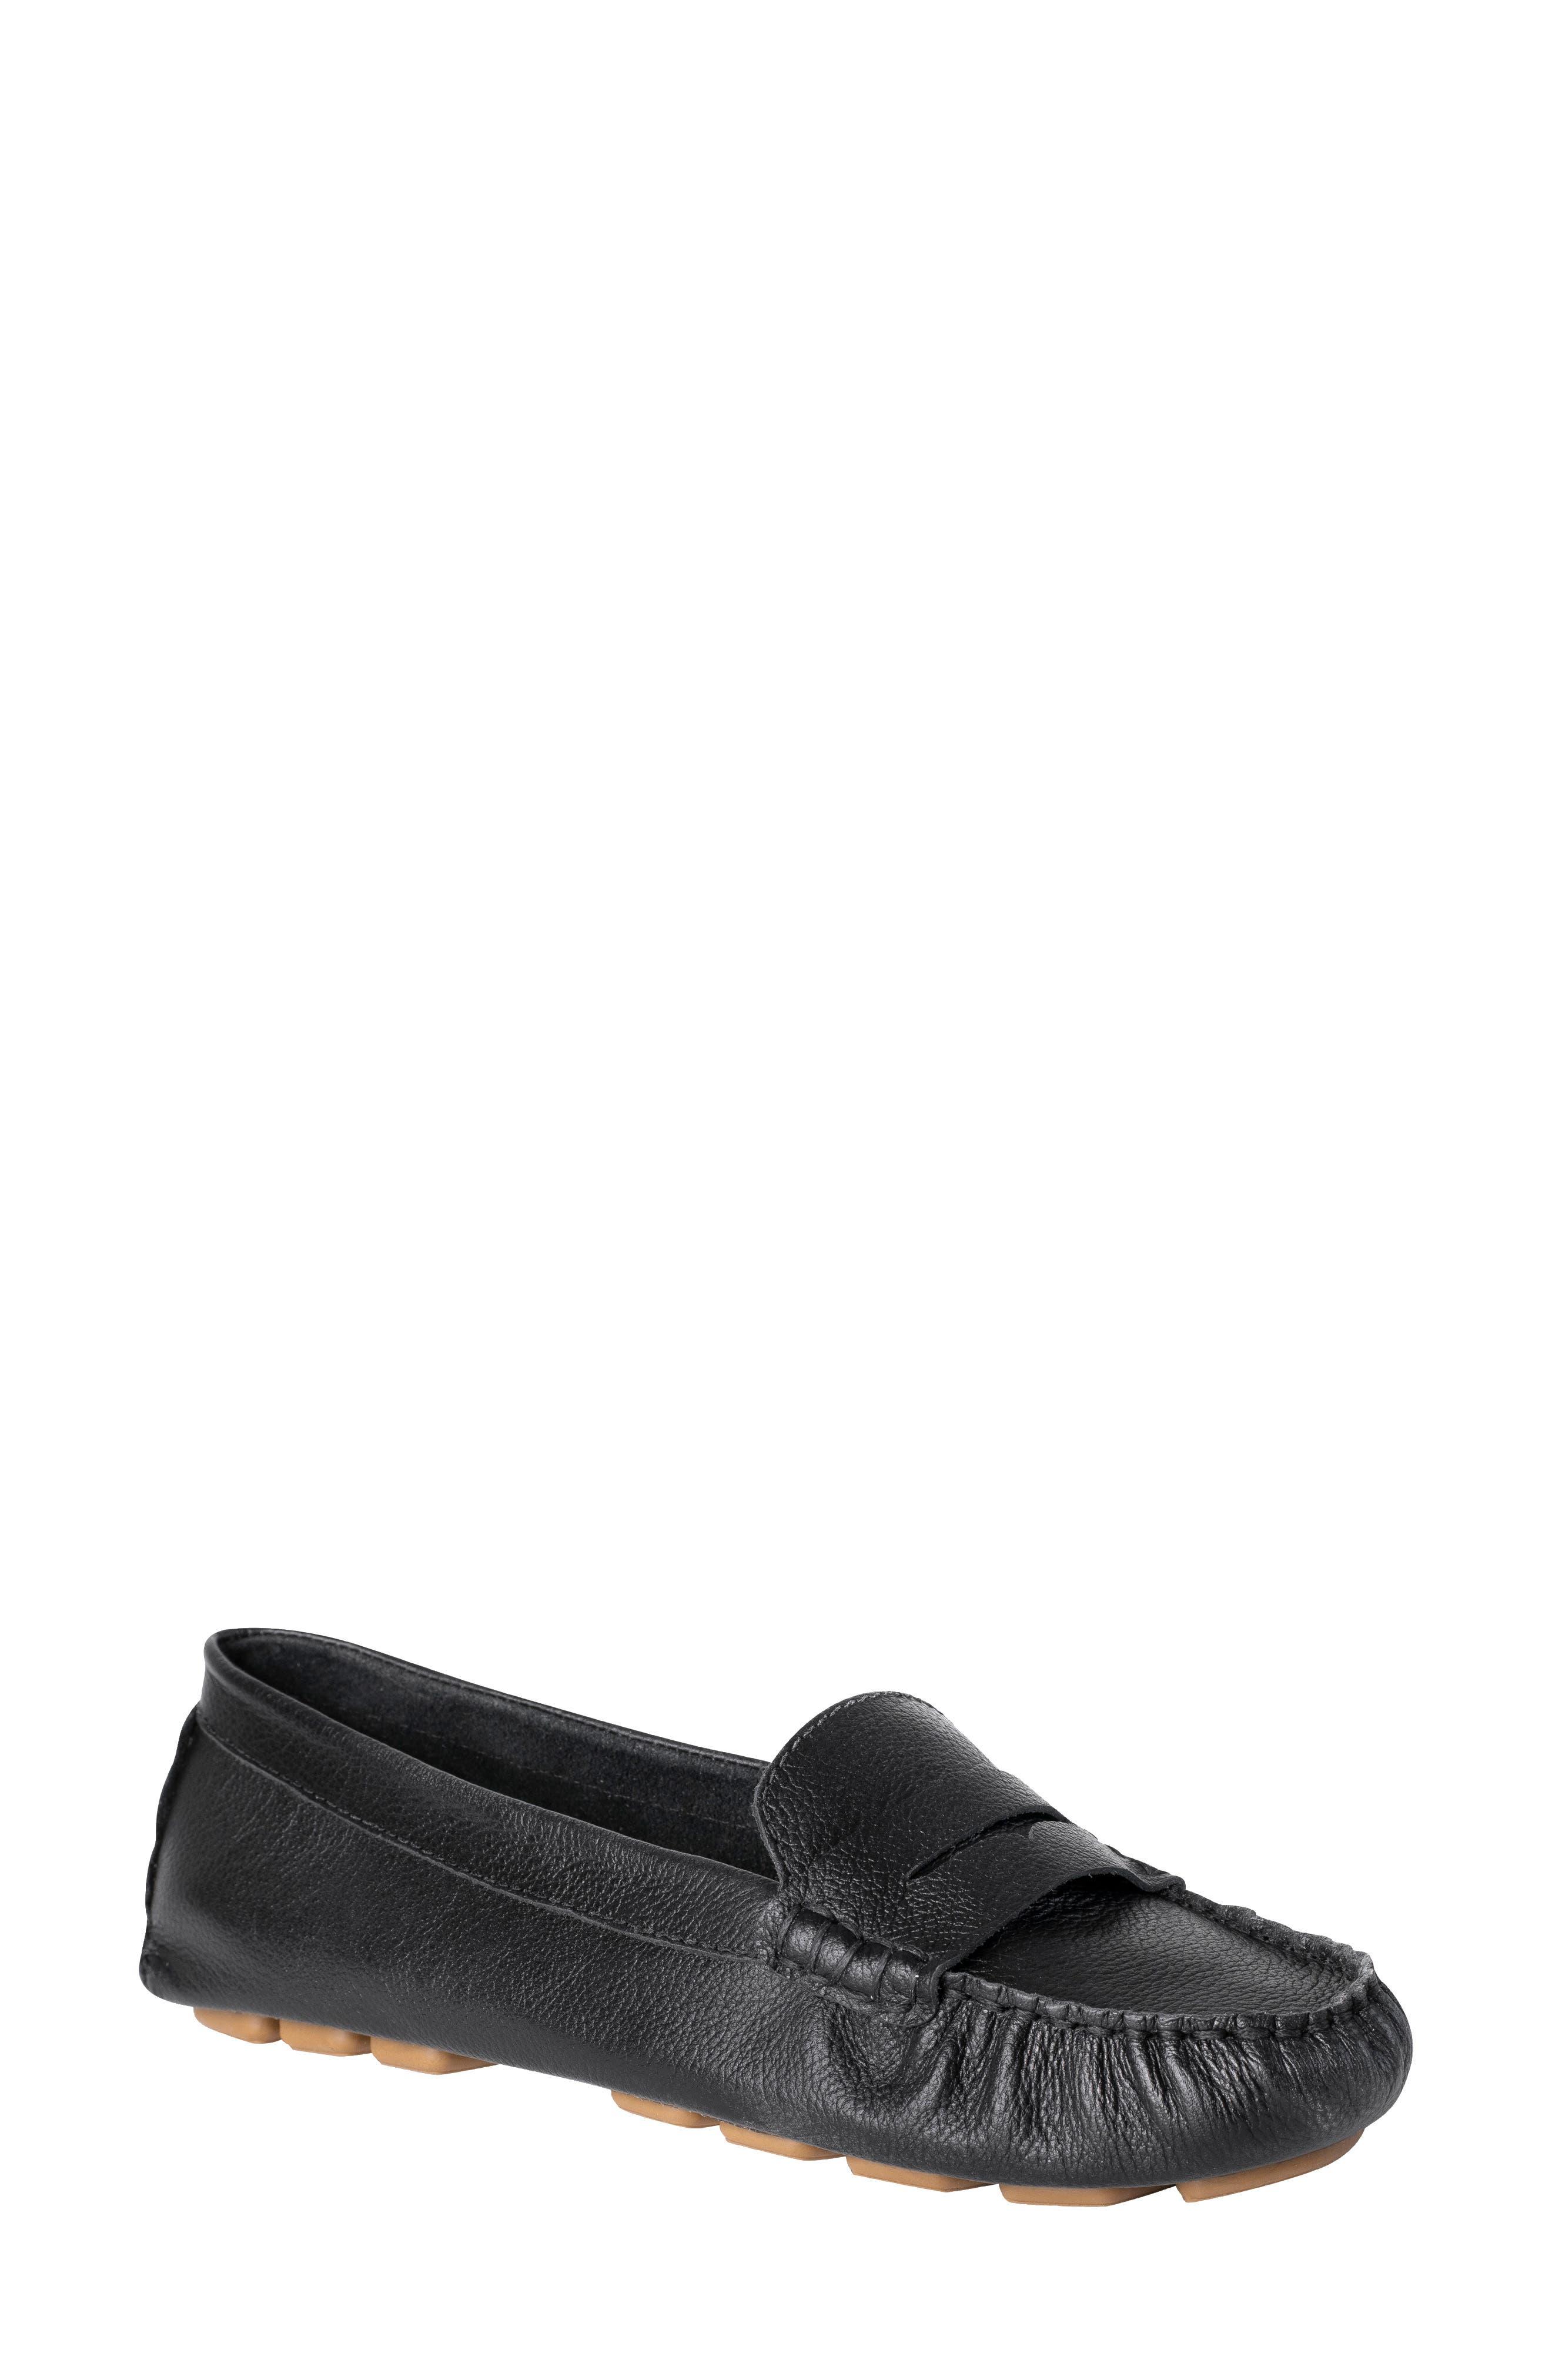 Ukies Driving Moccasin Loafer EU - Black